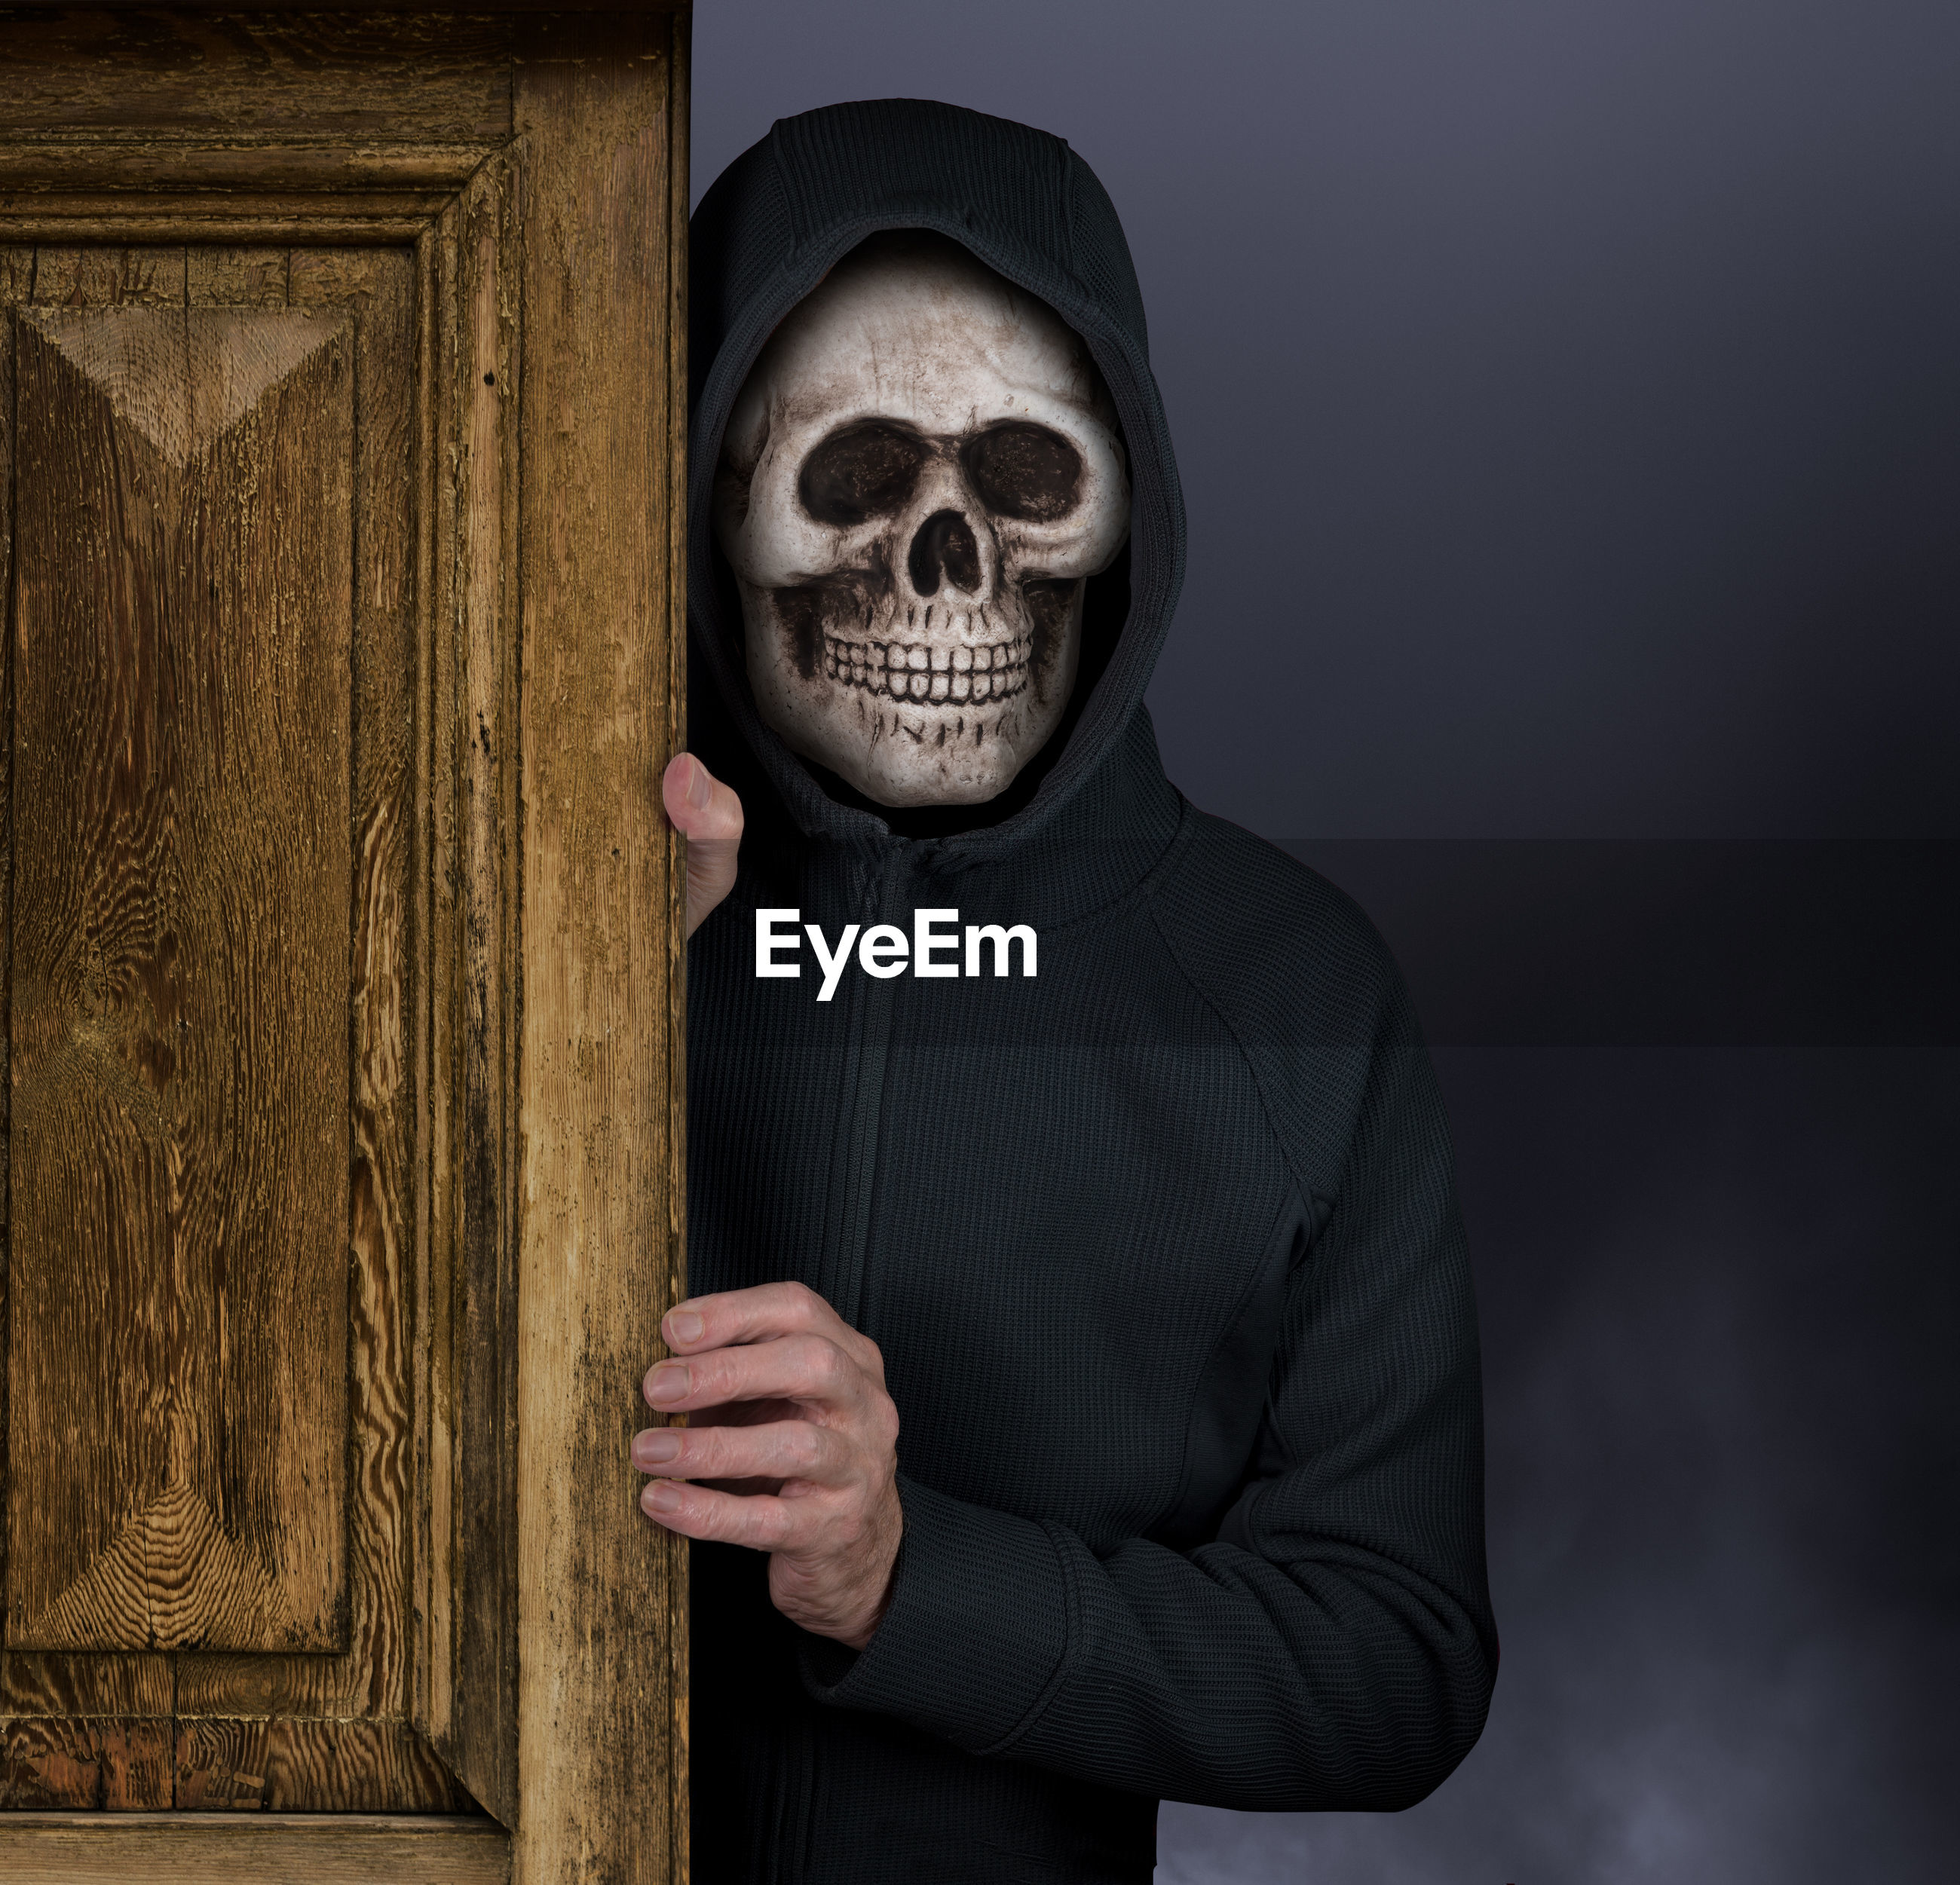 Man wearing skull mask